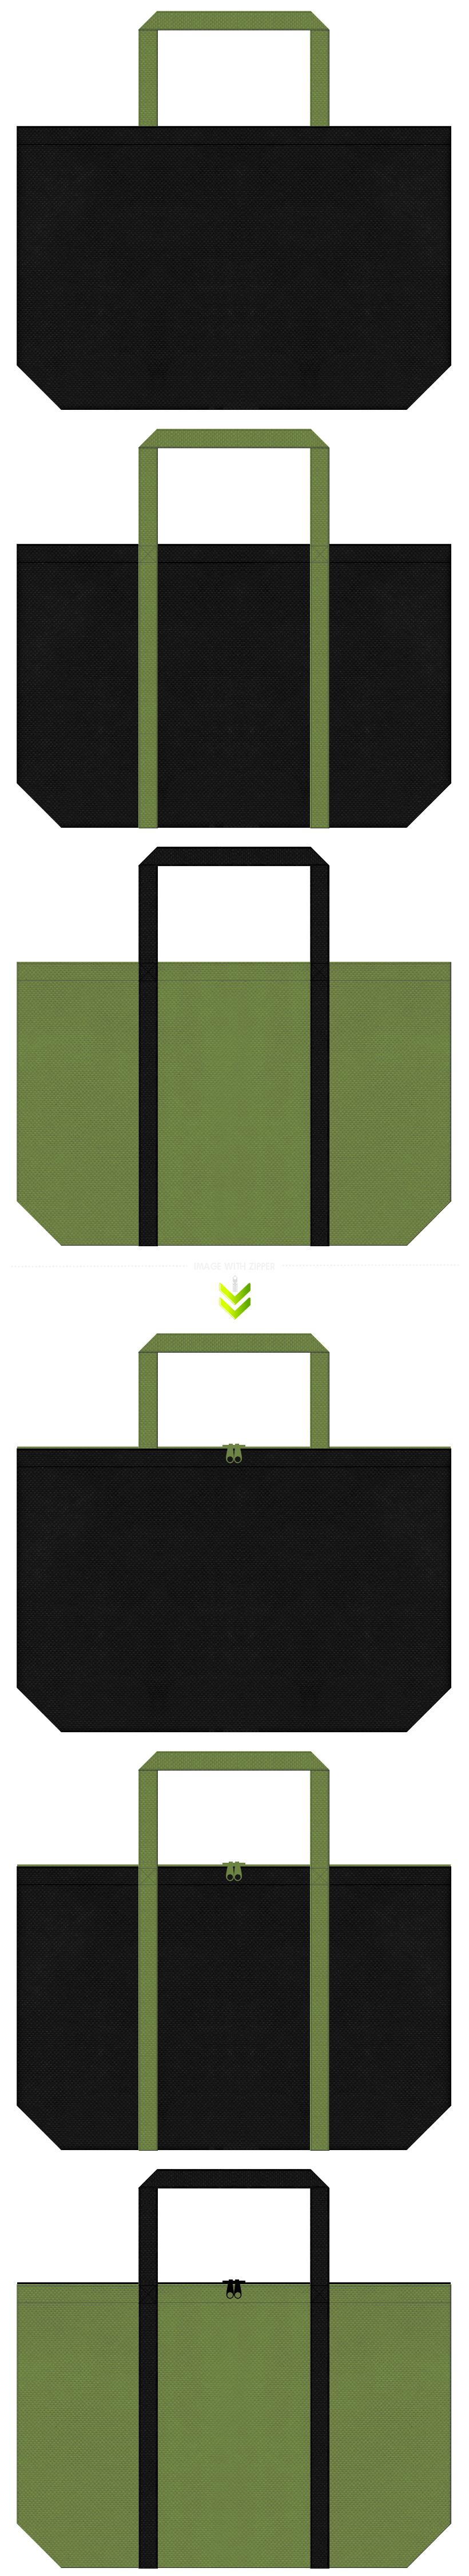 屋根瓦・武道・剣道・弓道・書道・お城イベント・和風催事のノベルティにお奨めの不織布バッグデザイン:黒色と草色のコーデ